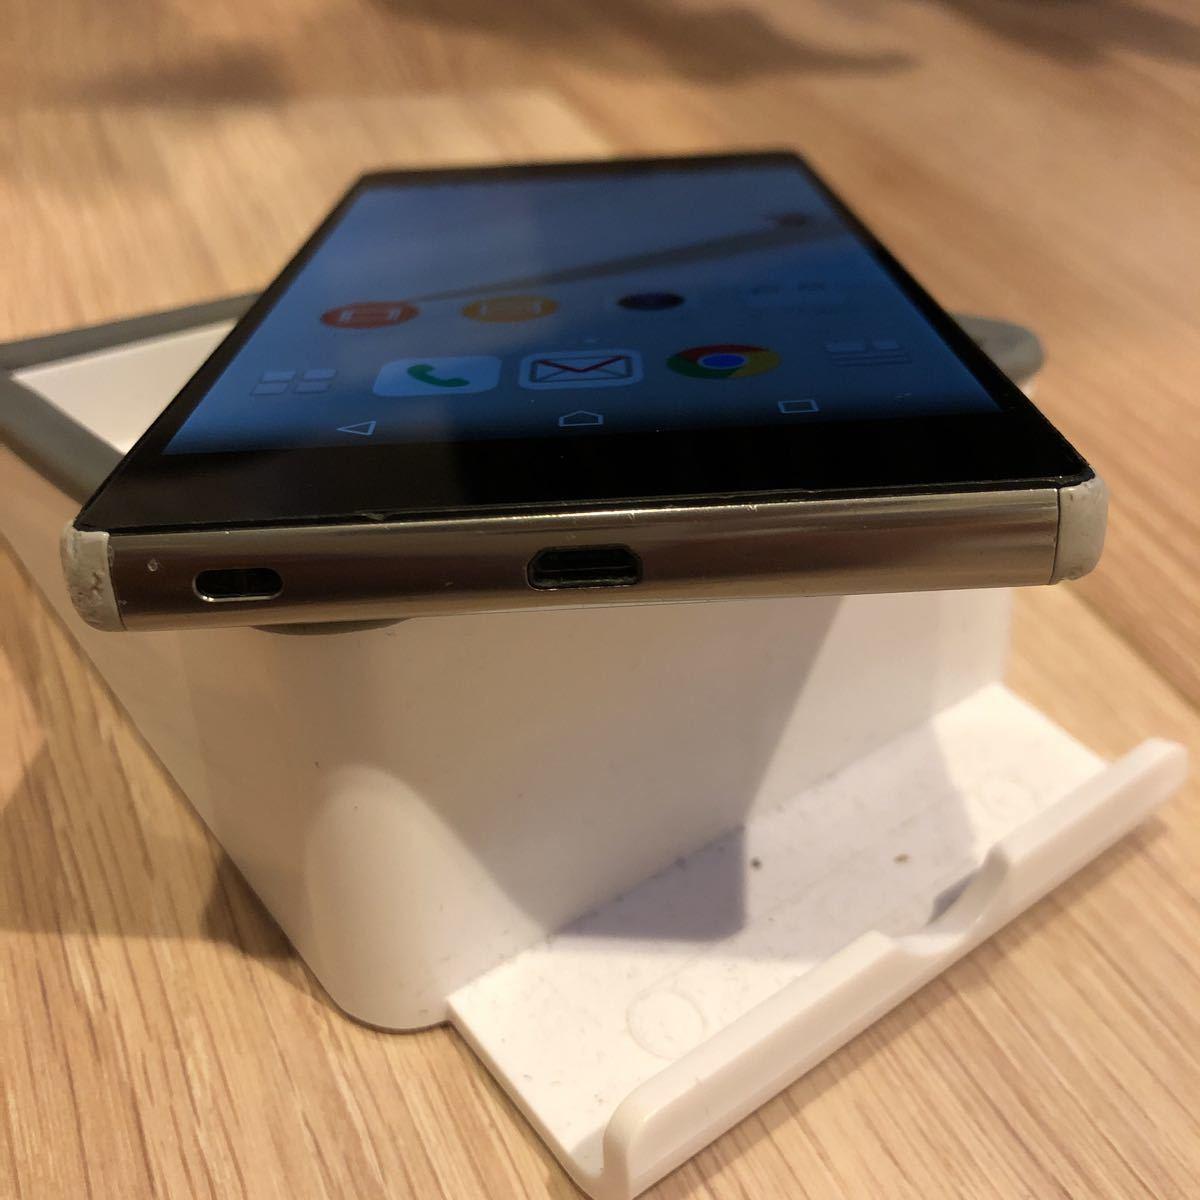 ★1円スタート!【即決あり】docomo/Sony Mobile Xperia Z5 Premium SO-03H(クローム)⑦_画像7